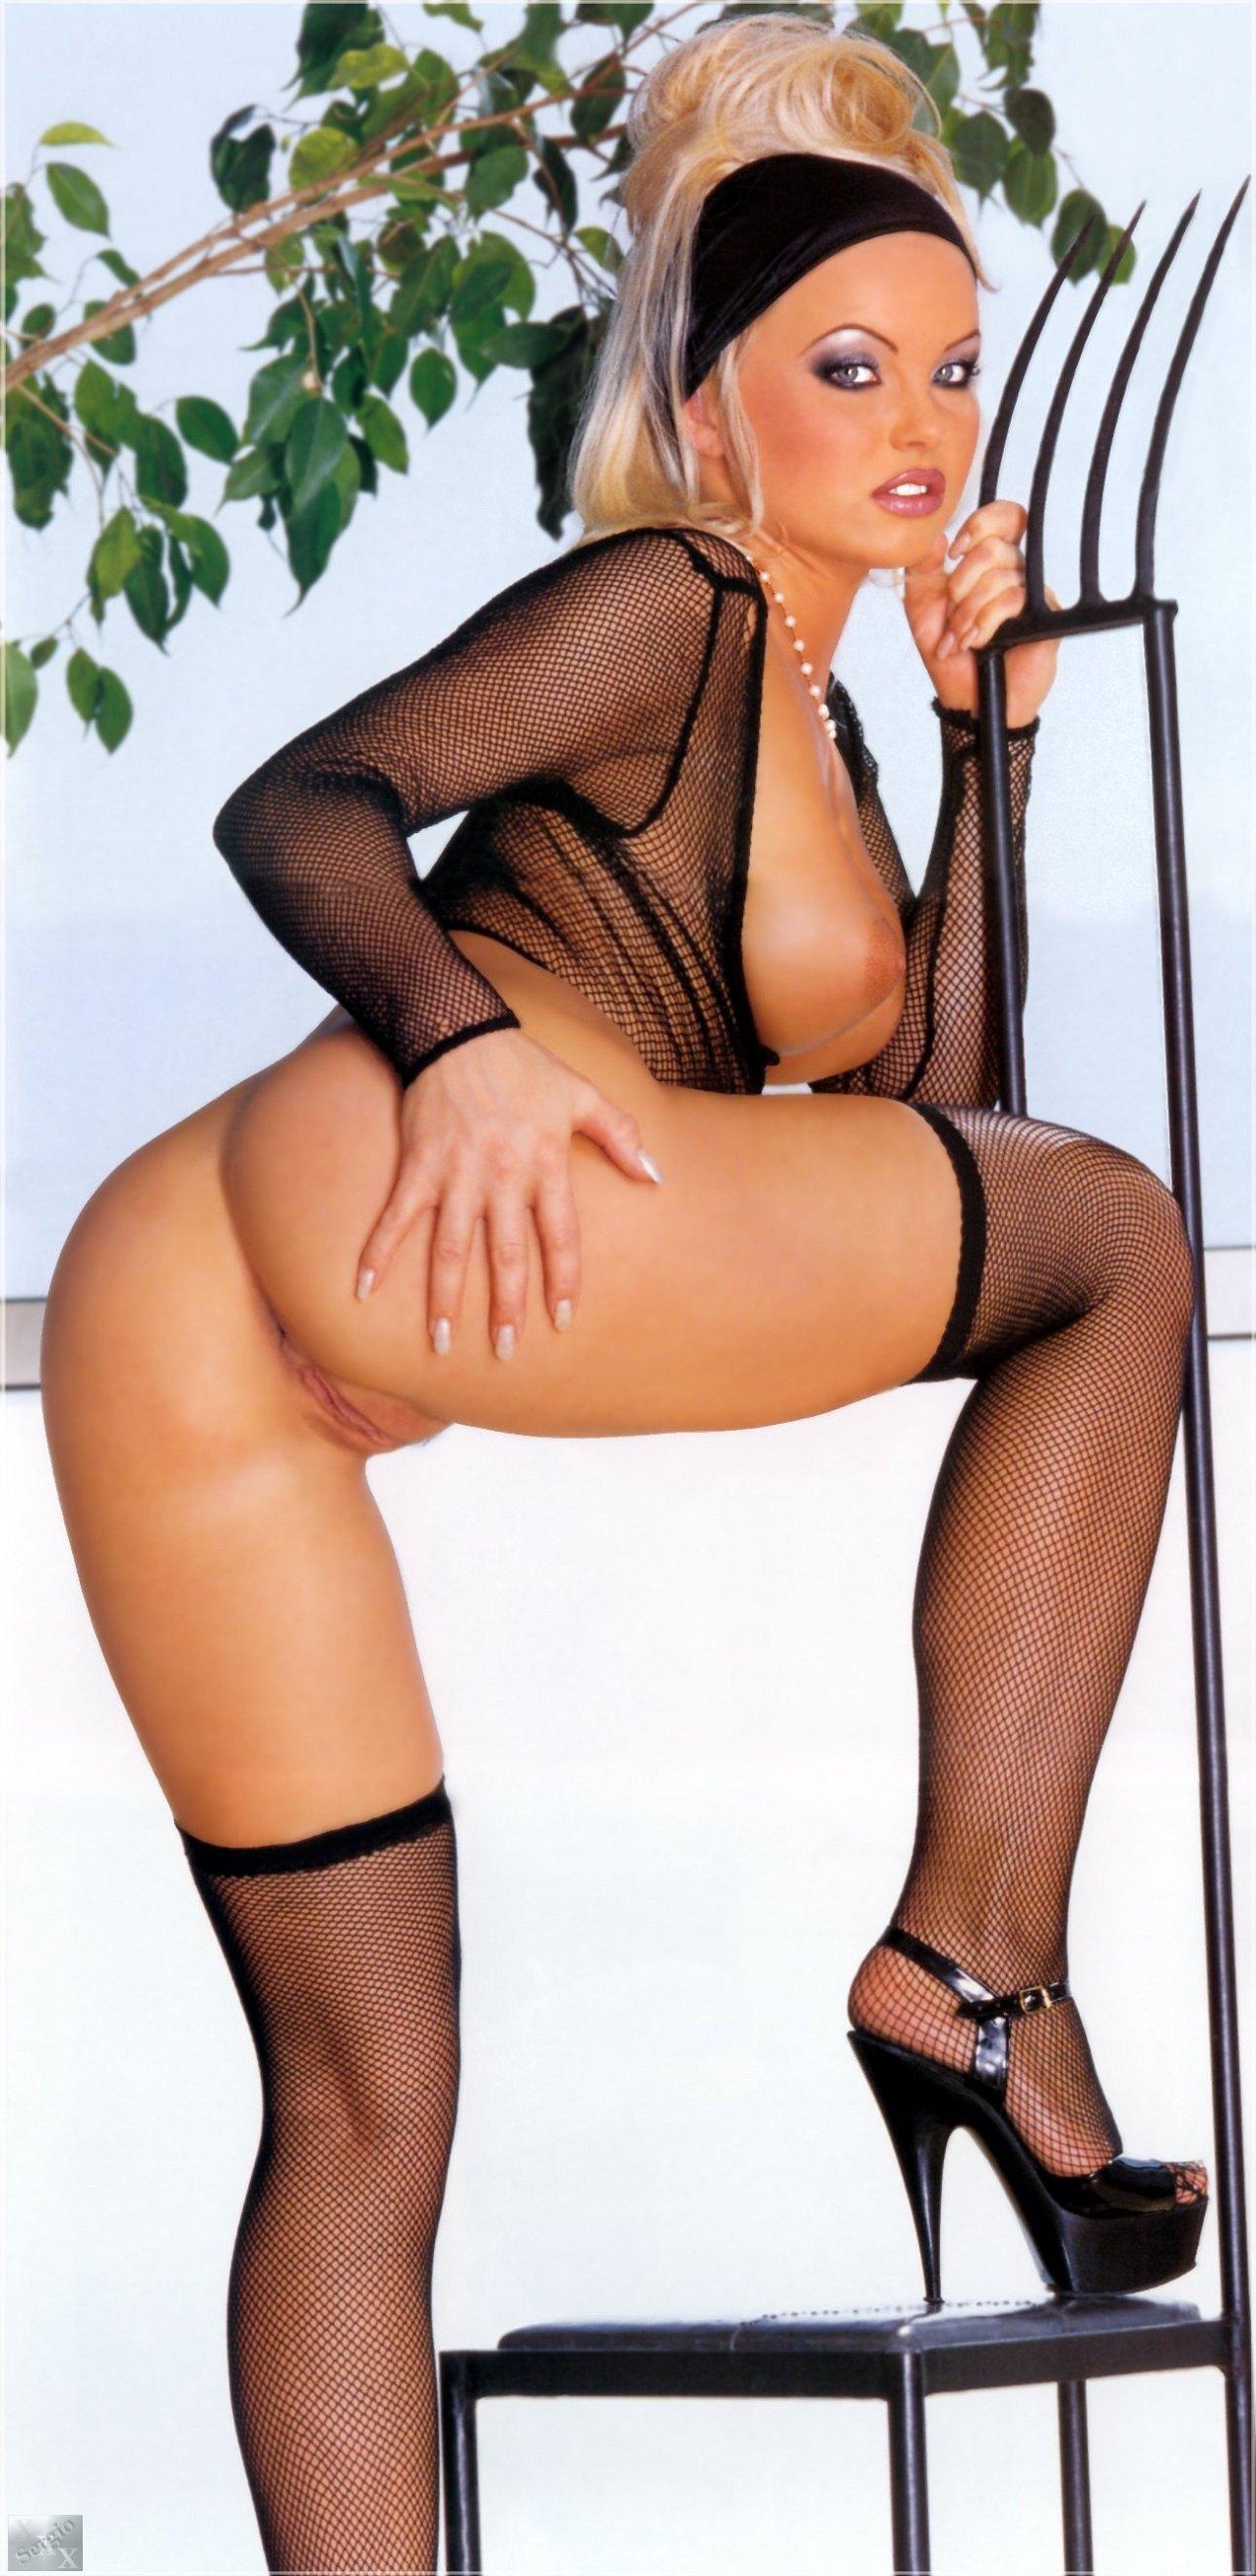 Сильвия сайнт в пентхаус 4 фотография